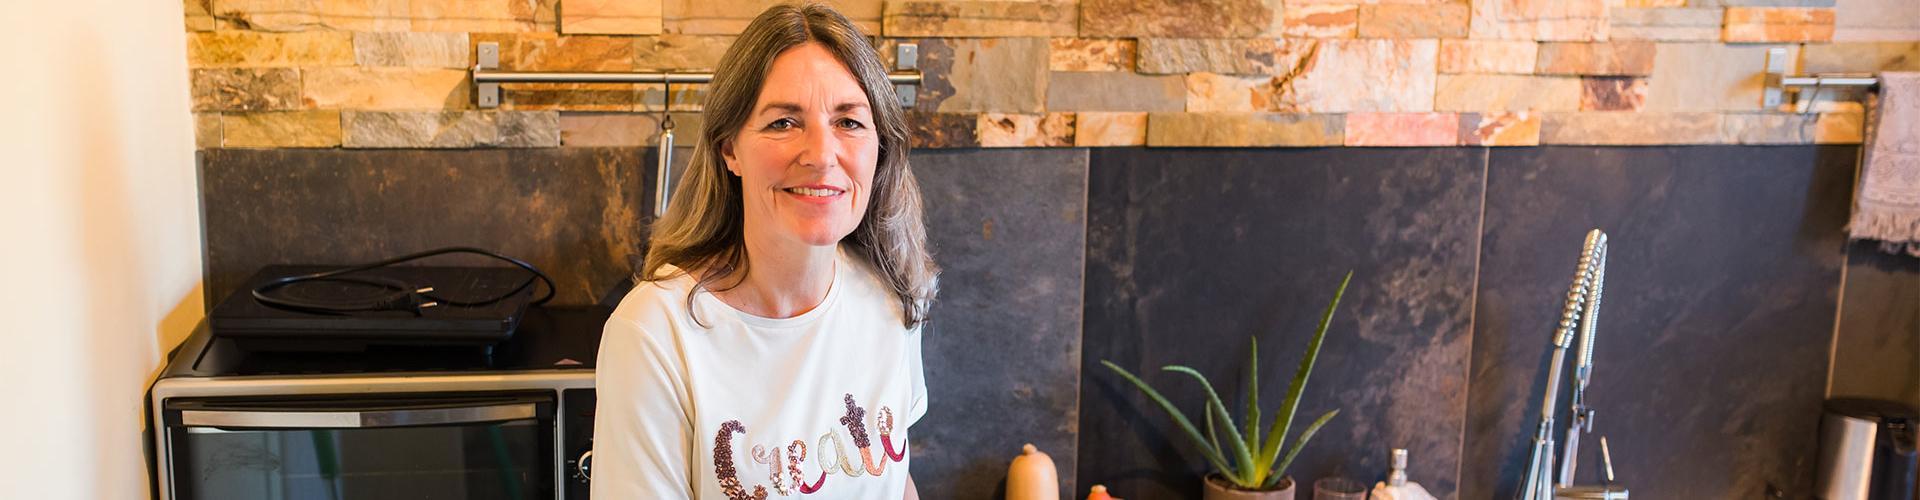 Dietist Groningen en Drenthe: vrouwen overgang